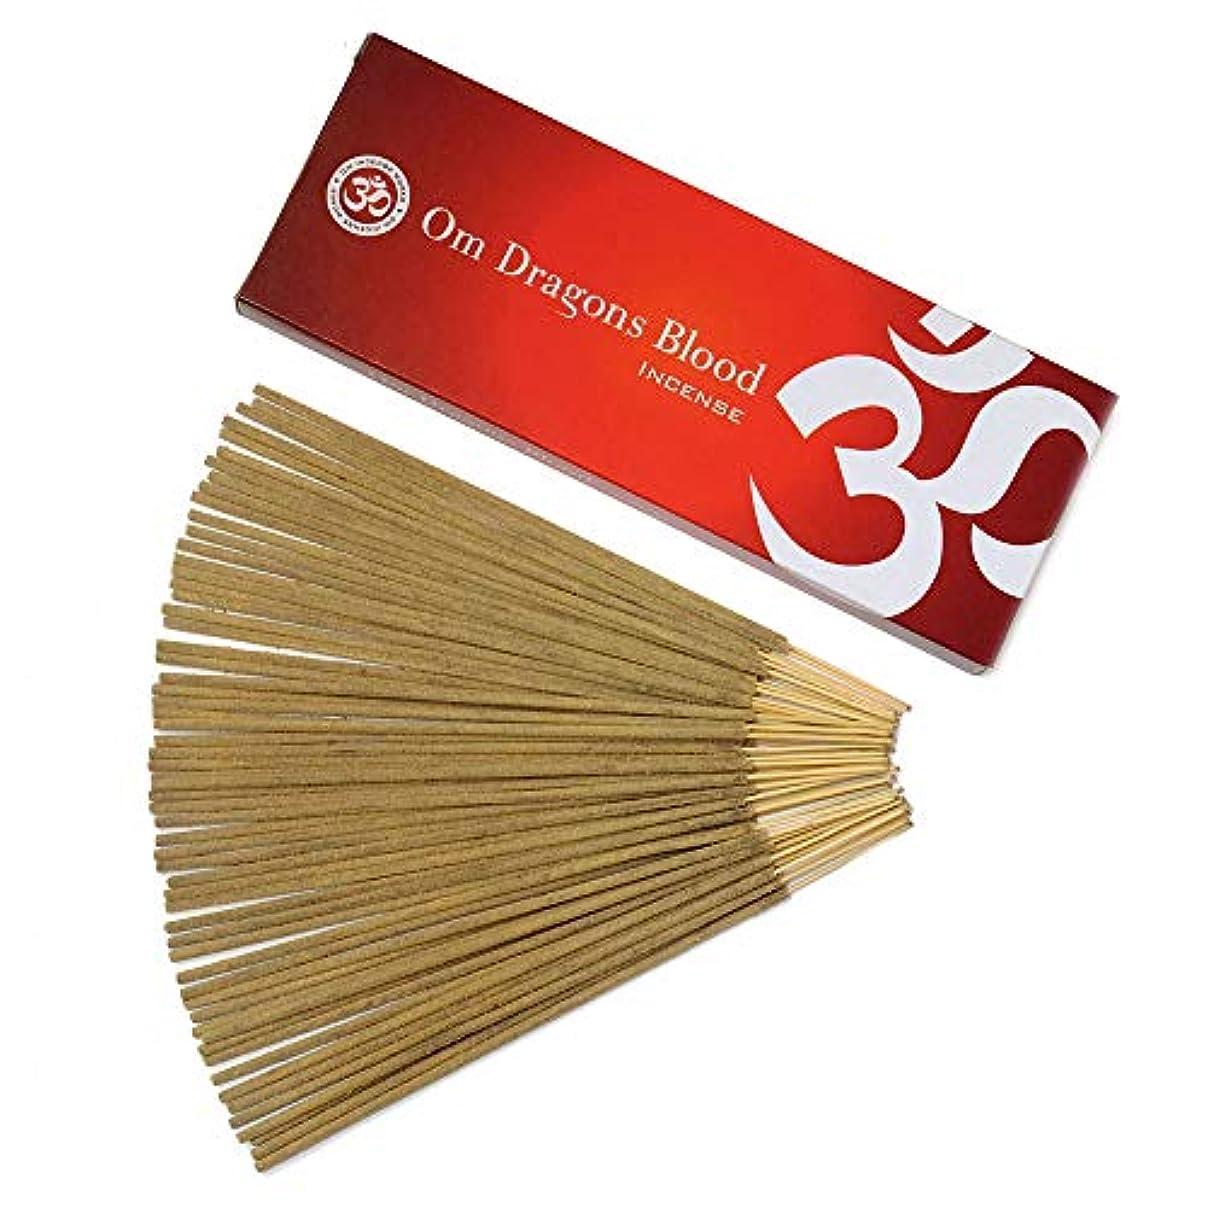 残りスクラッチ販売員Om Incense Works Natural Fragrance Incense Sticks 100グラム 709733007088